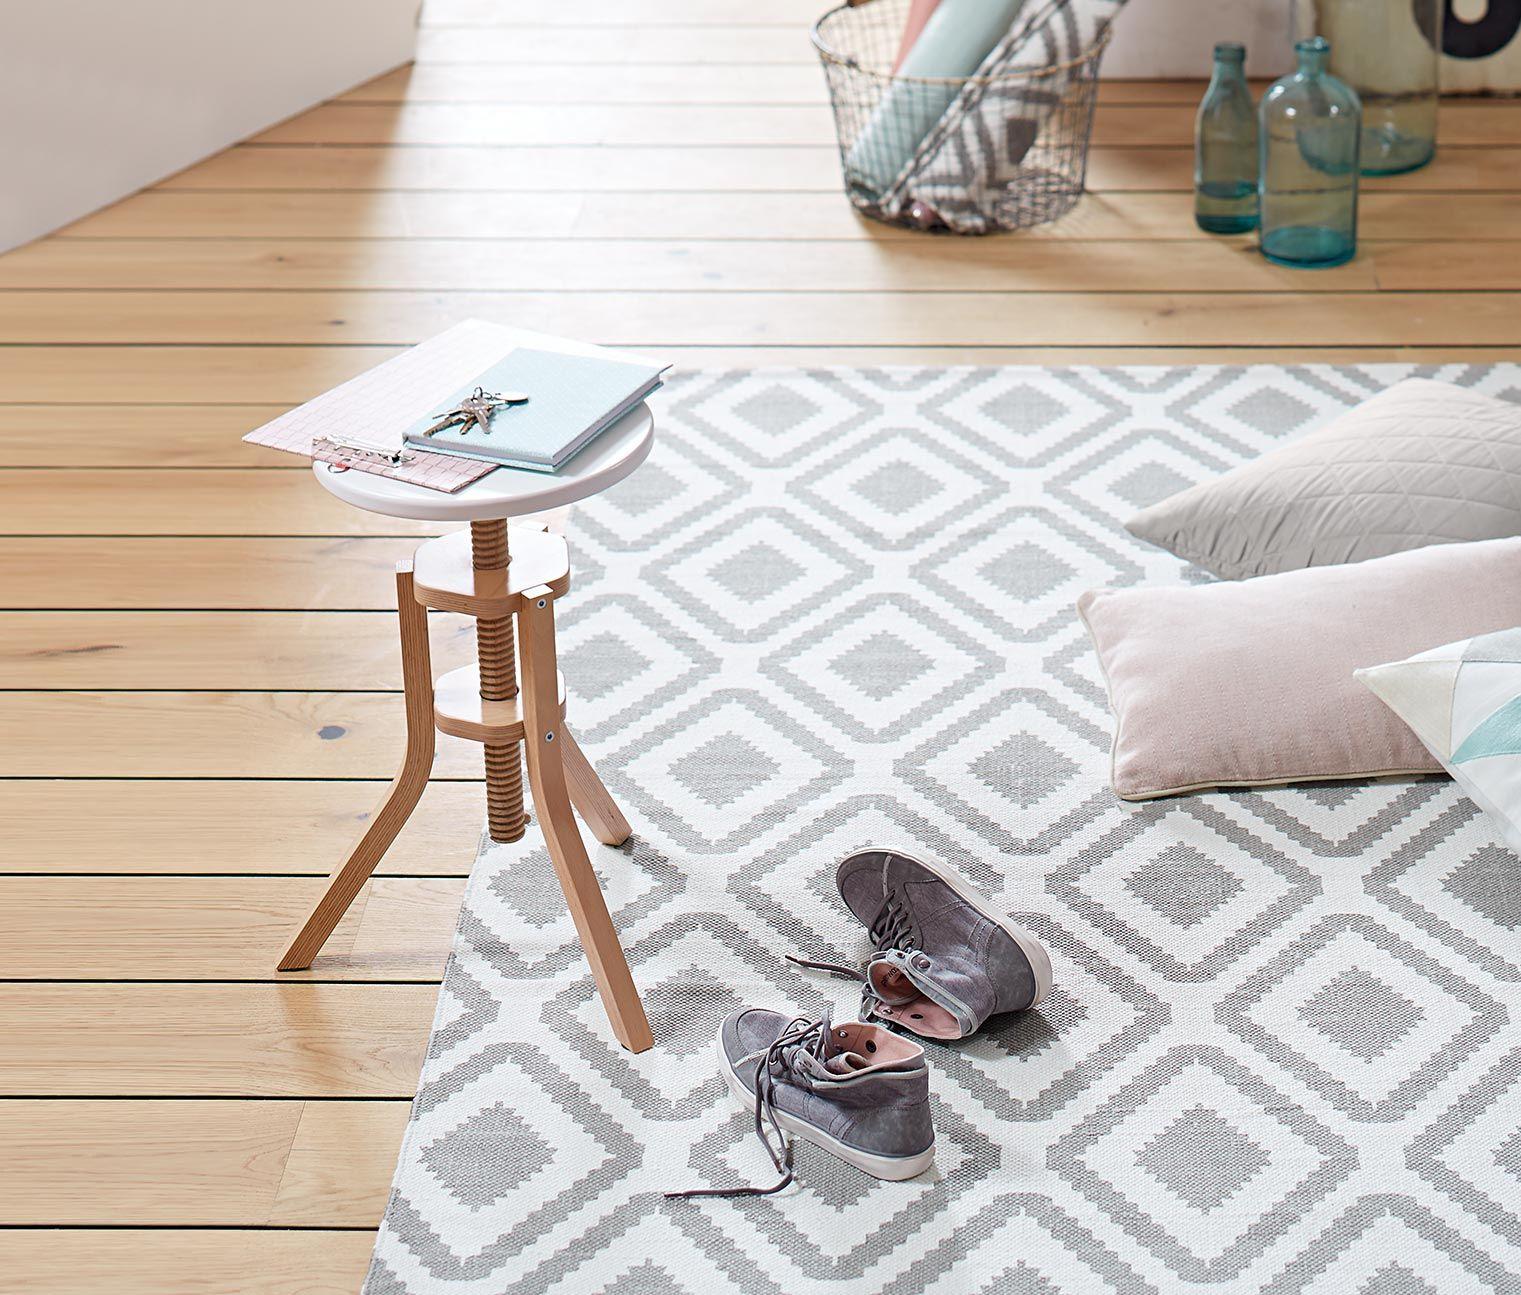 Spindelhocker Online Bestellen Bei Tchibo 326131. Skandinavisches  DesignTeppich WohnzimmerTeppicheEinrichtungDekorationWohnen